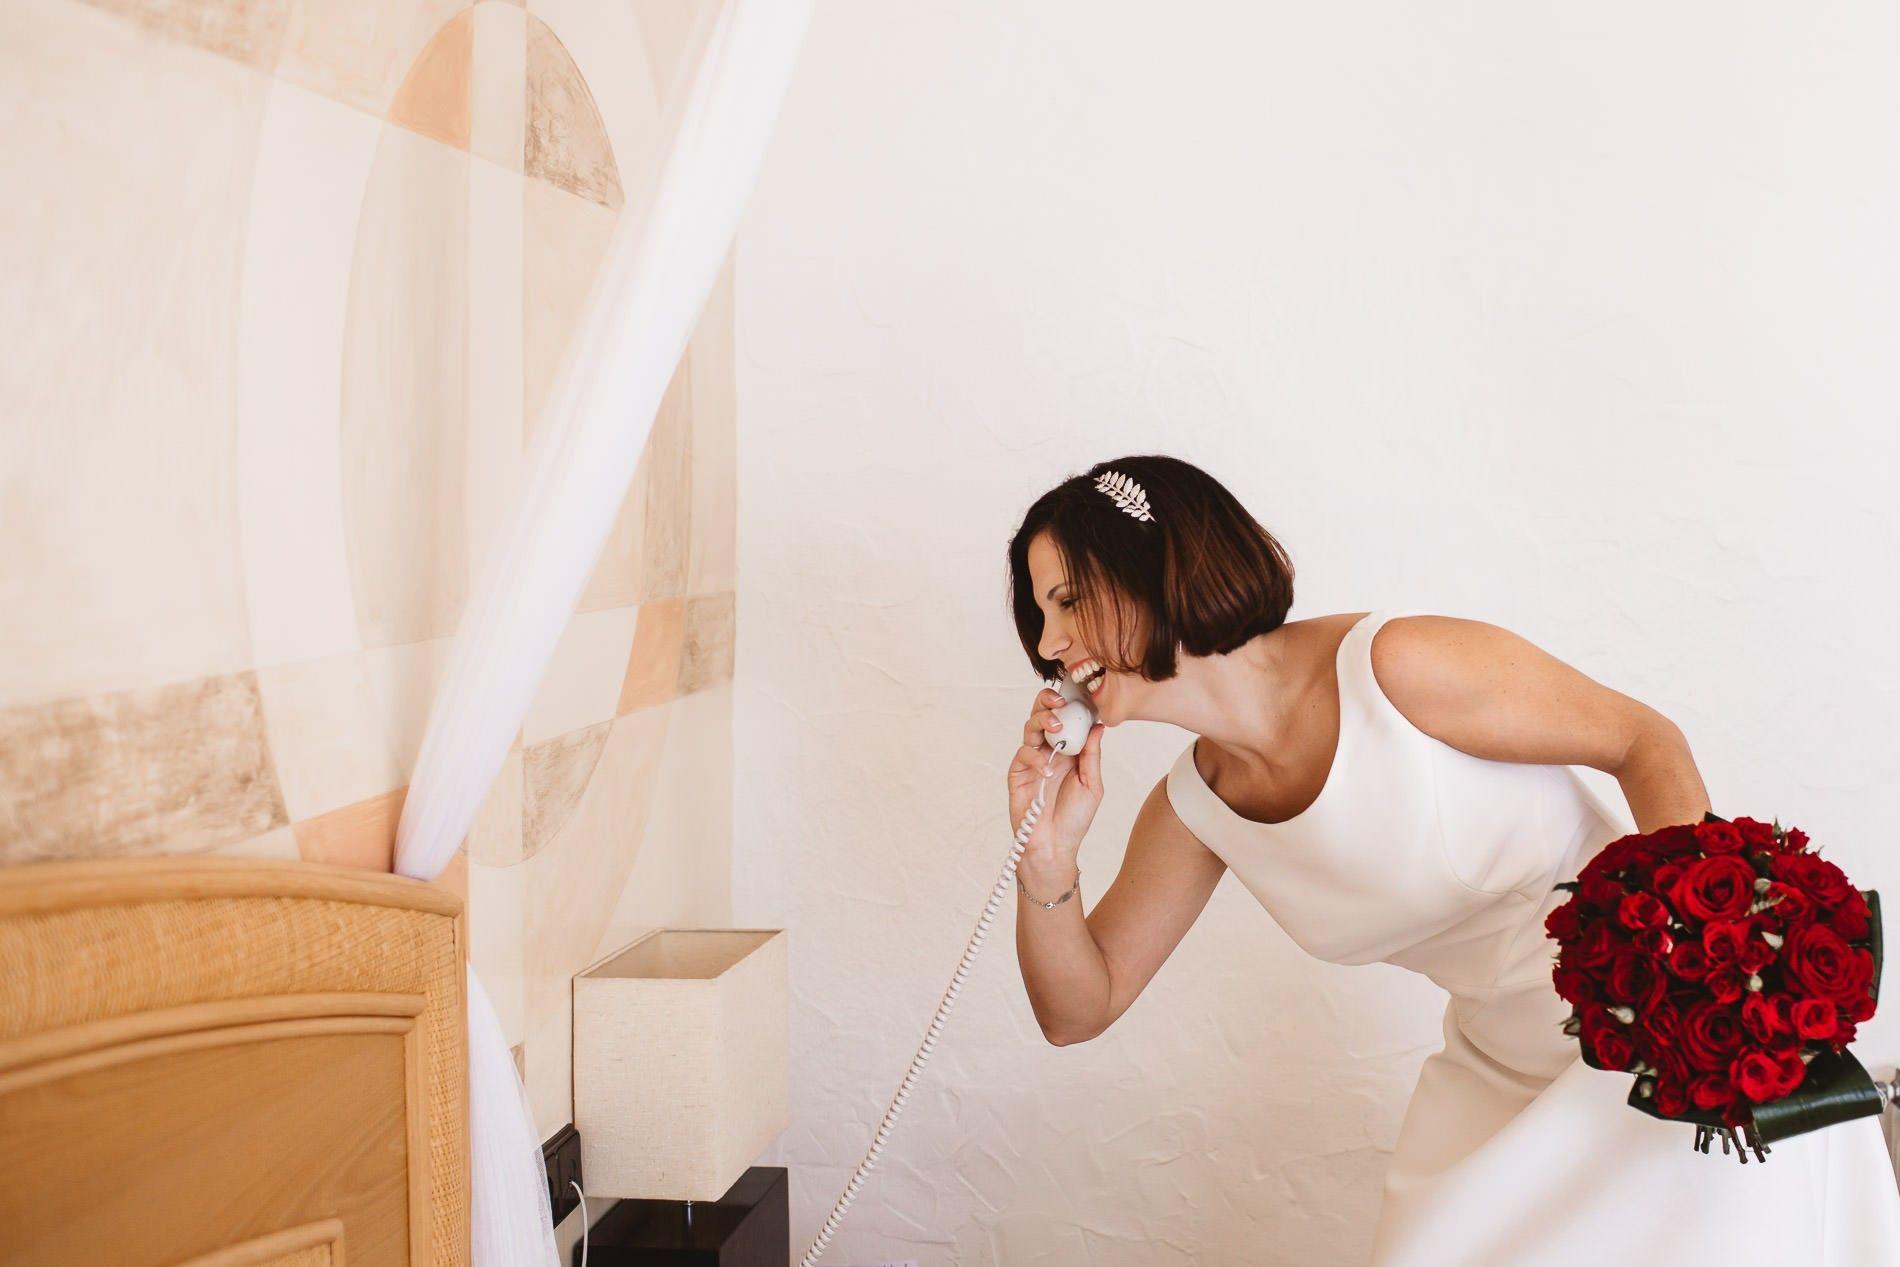 fotografo boda alicante 23